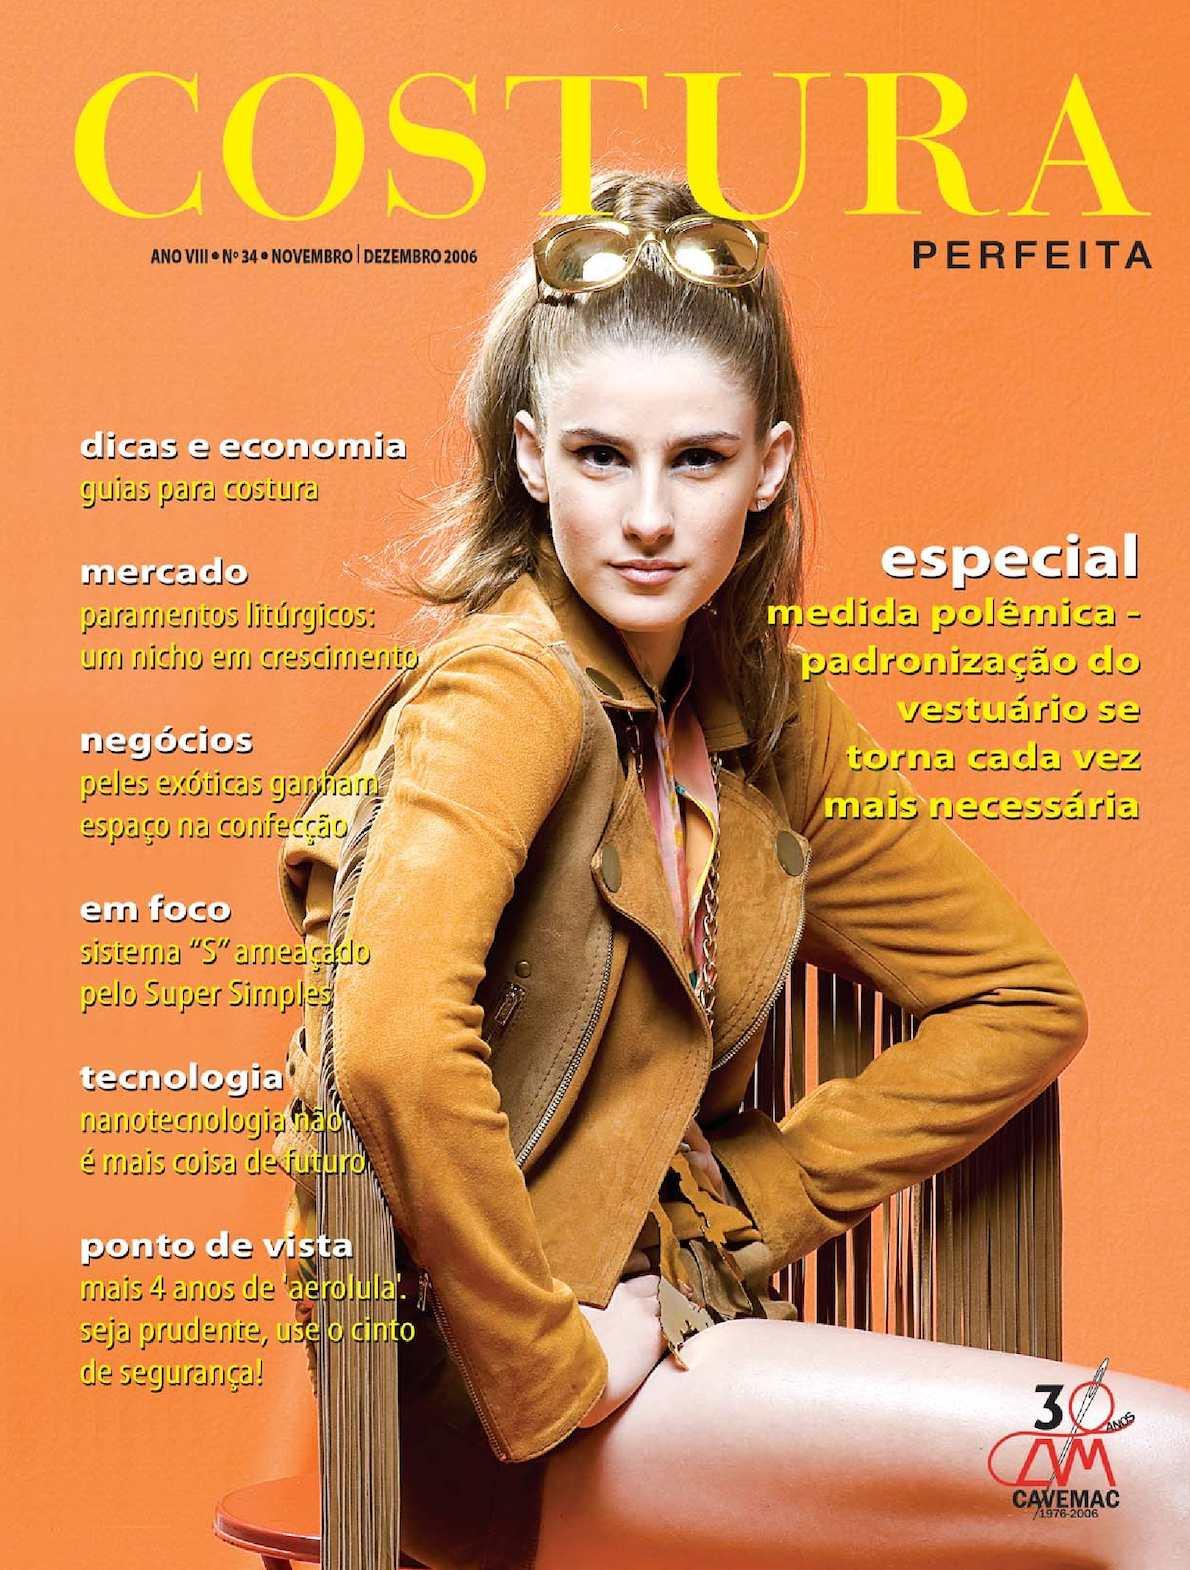 Calaméo - Revista Costura Perfeita Edição Ano Viii N34 Novembro Dezembro  2006 d24cacf451b63